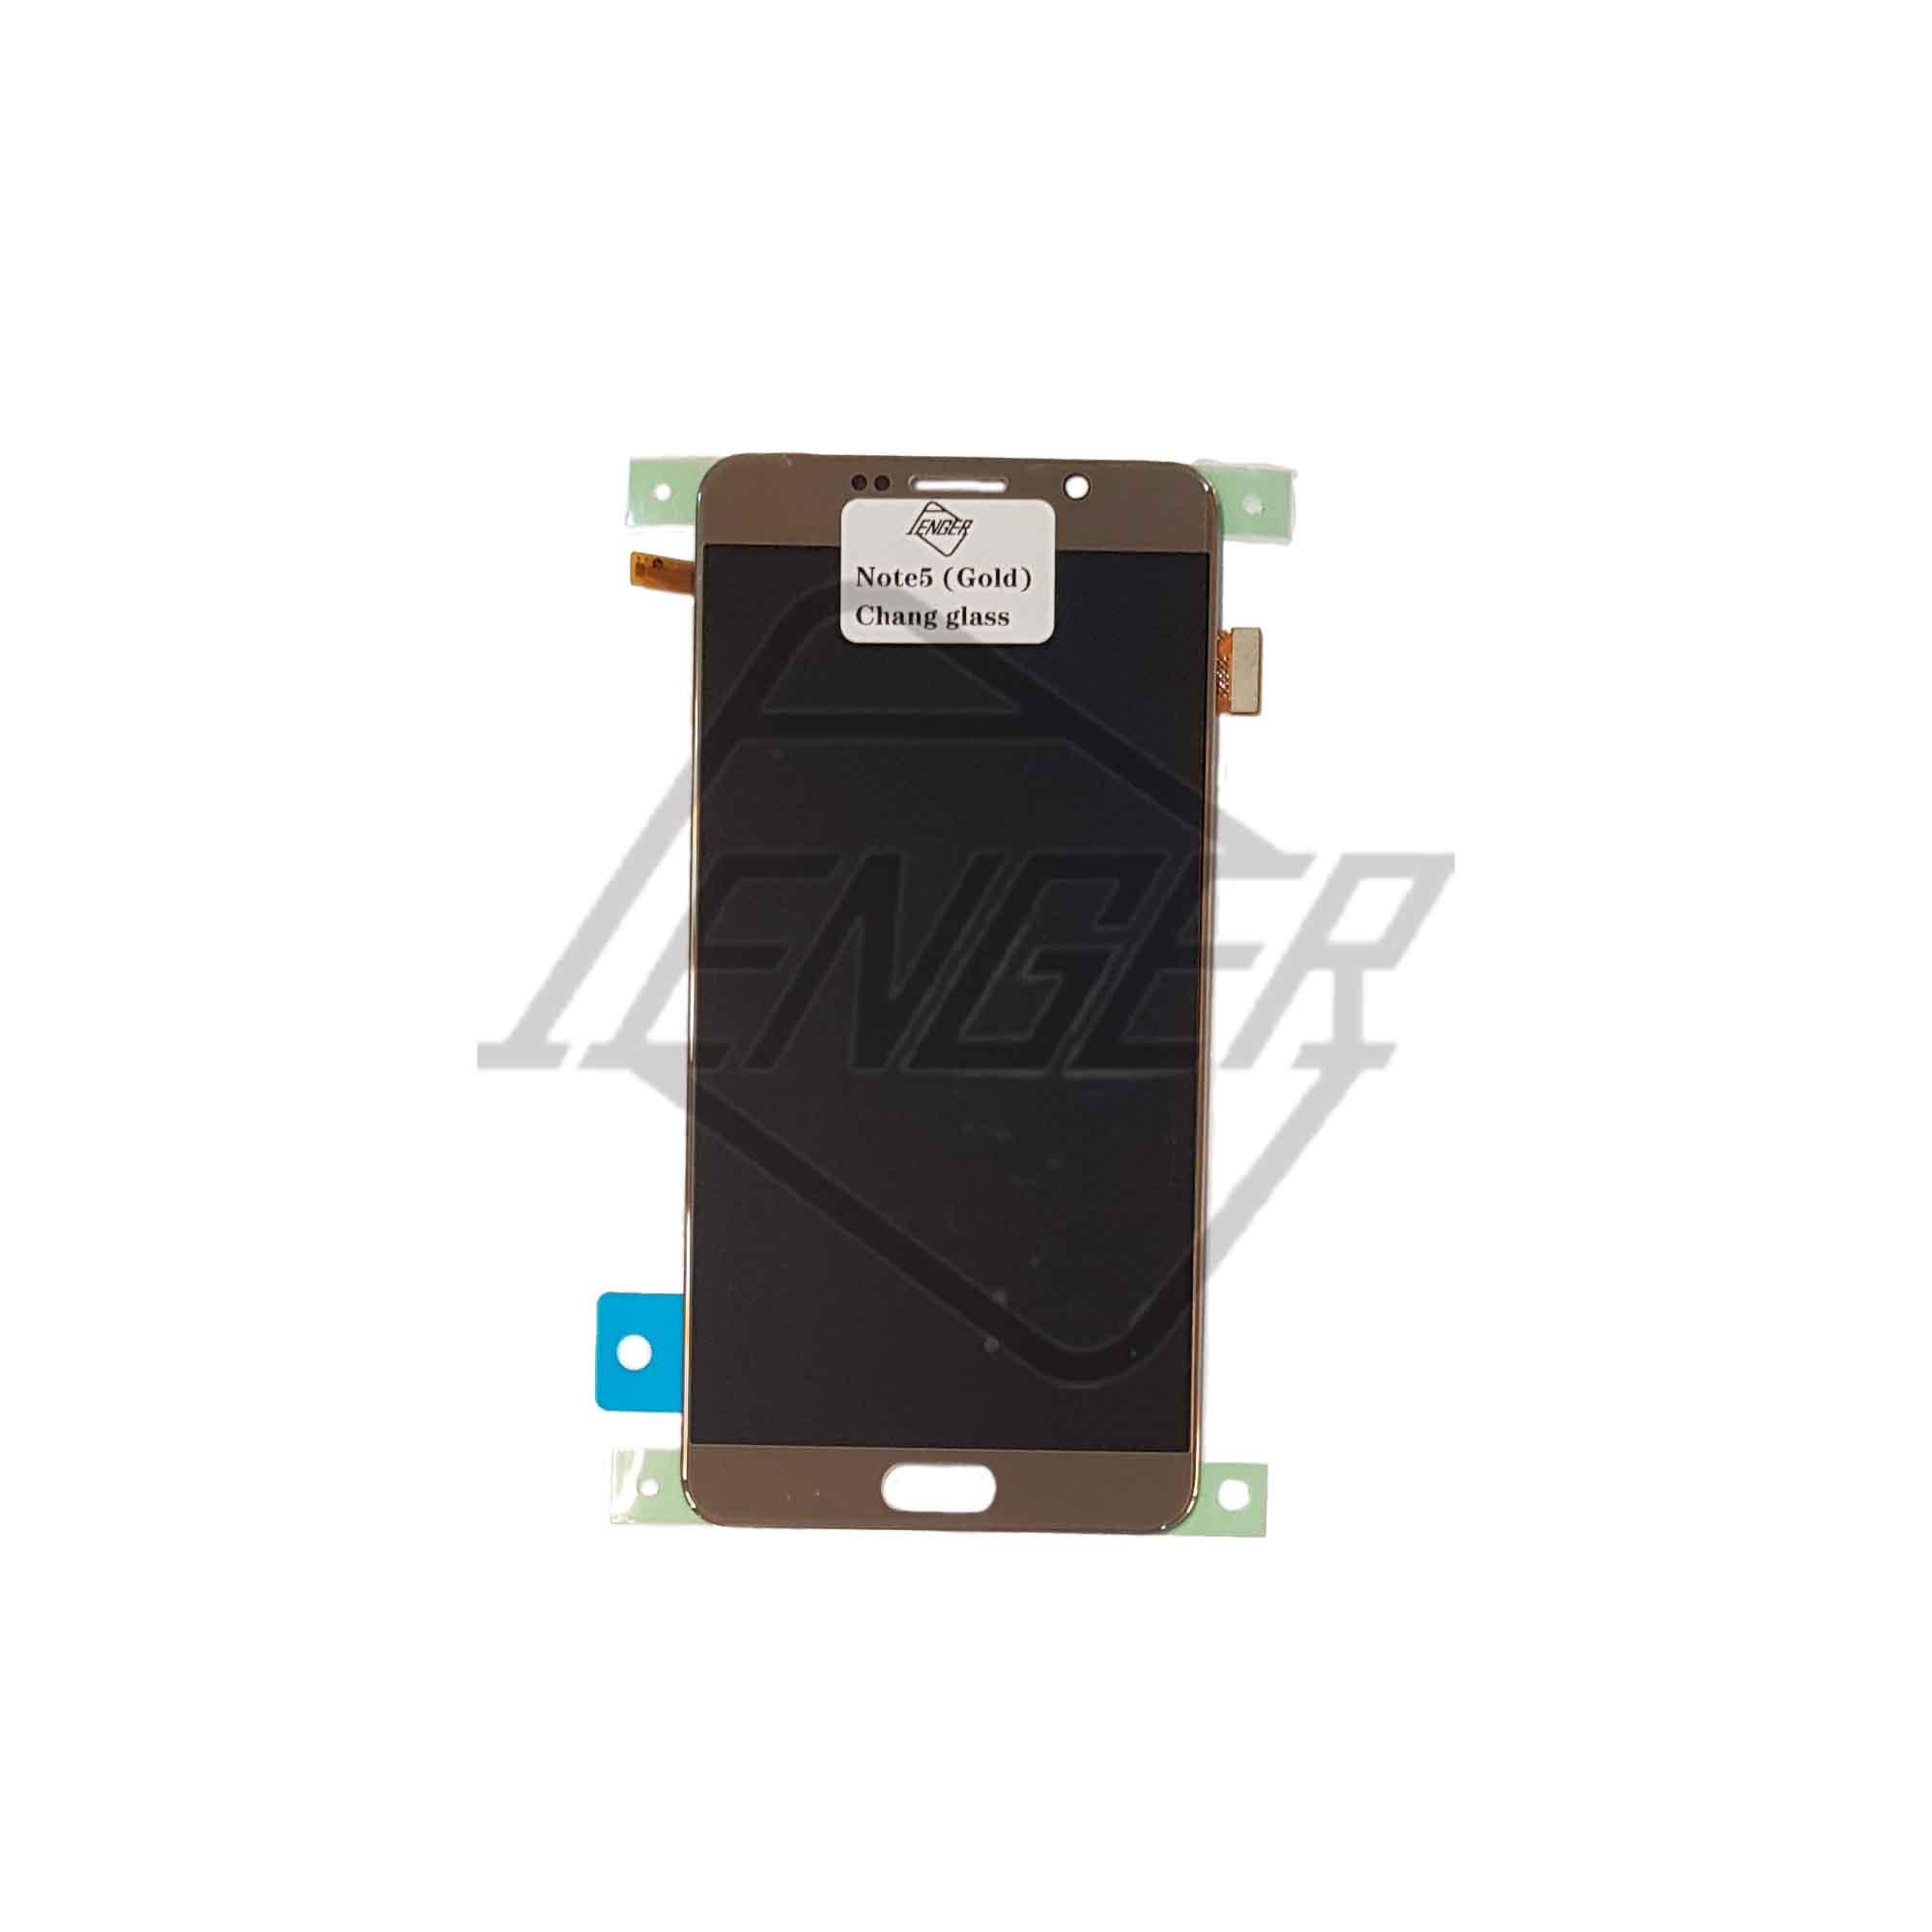 تاچ و ال سی دی روکاری گلس تعویض LCD SEC CHANGE GLASS N920 – NOTE5